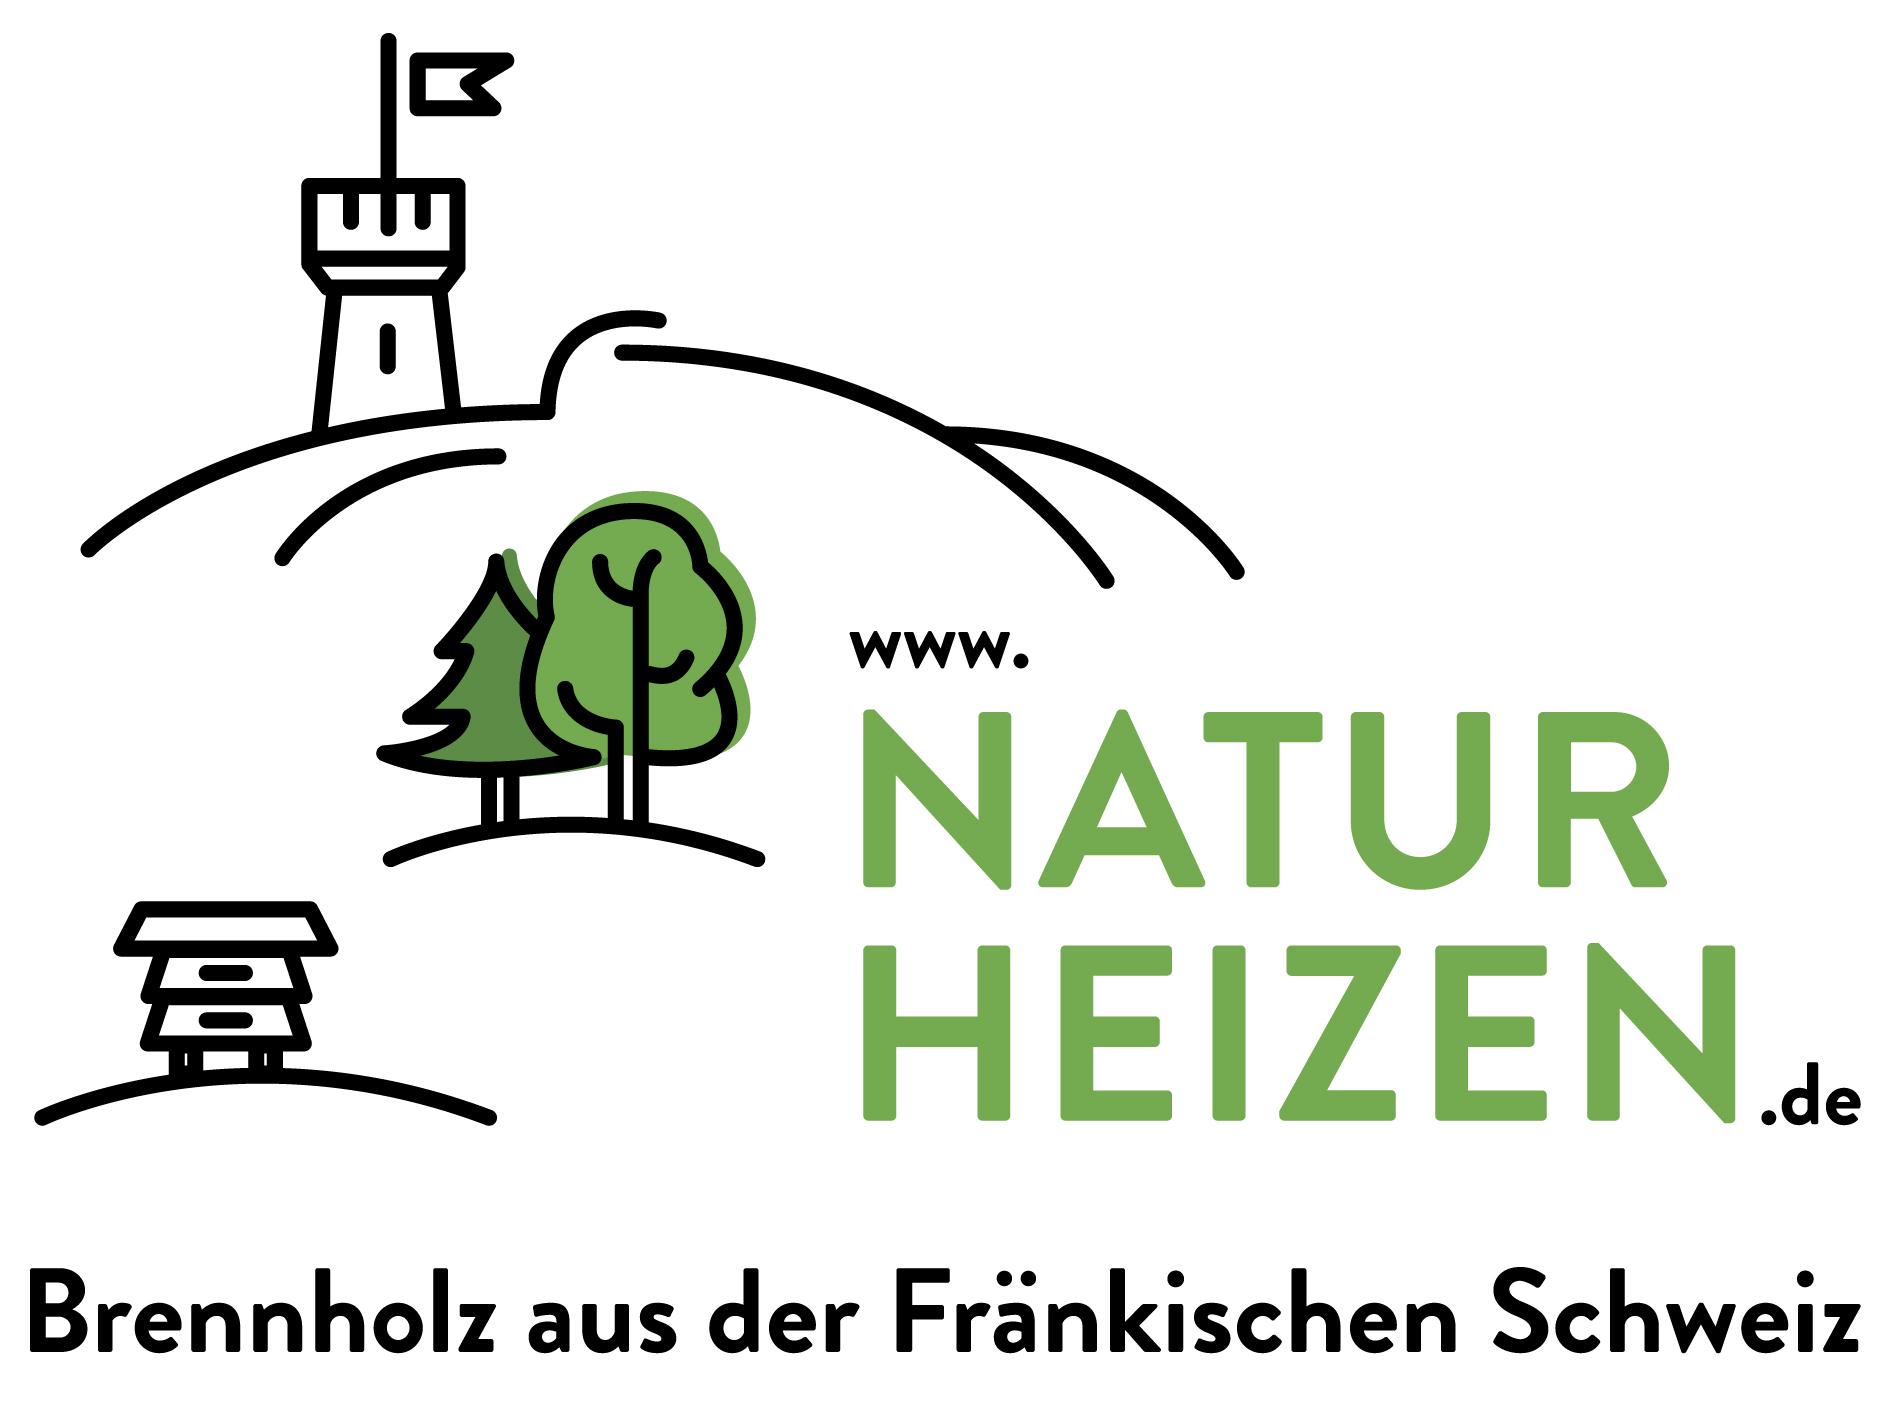 Brennholz aus der Fränkischen Schweiz, Logo naturheizen